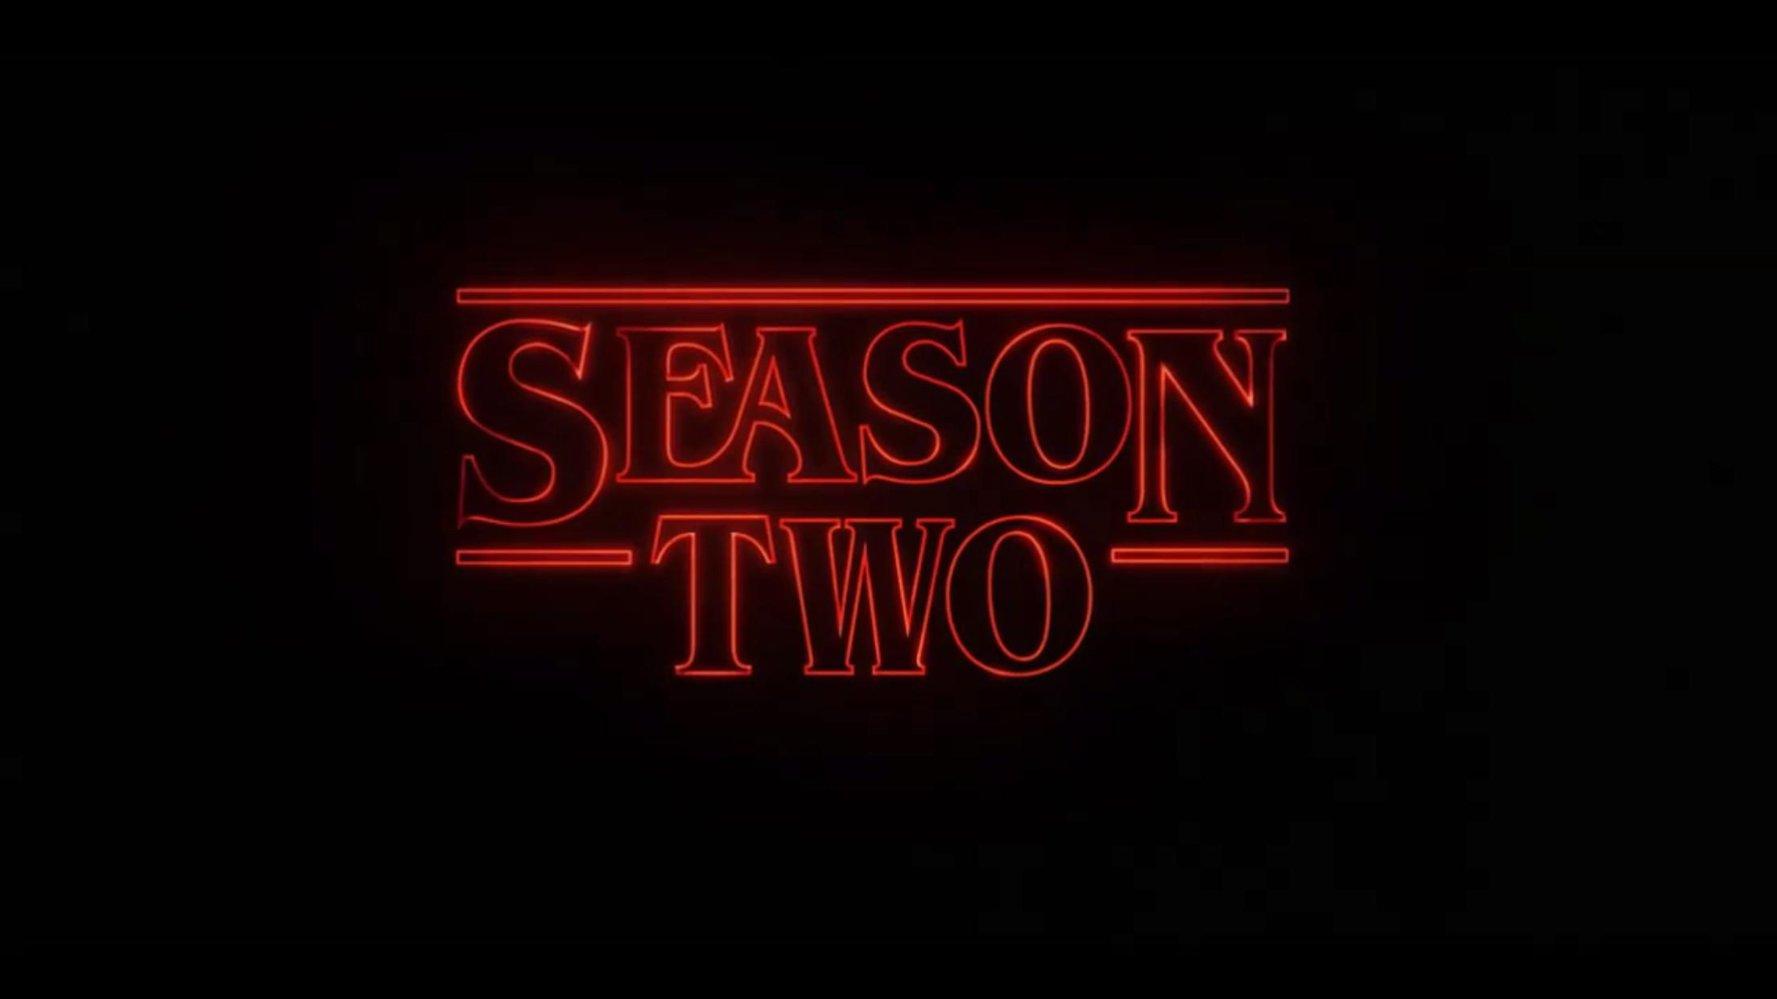 Stranger Things season 2 details revealed